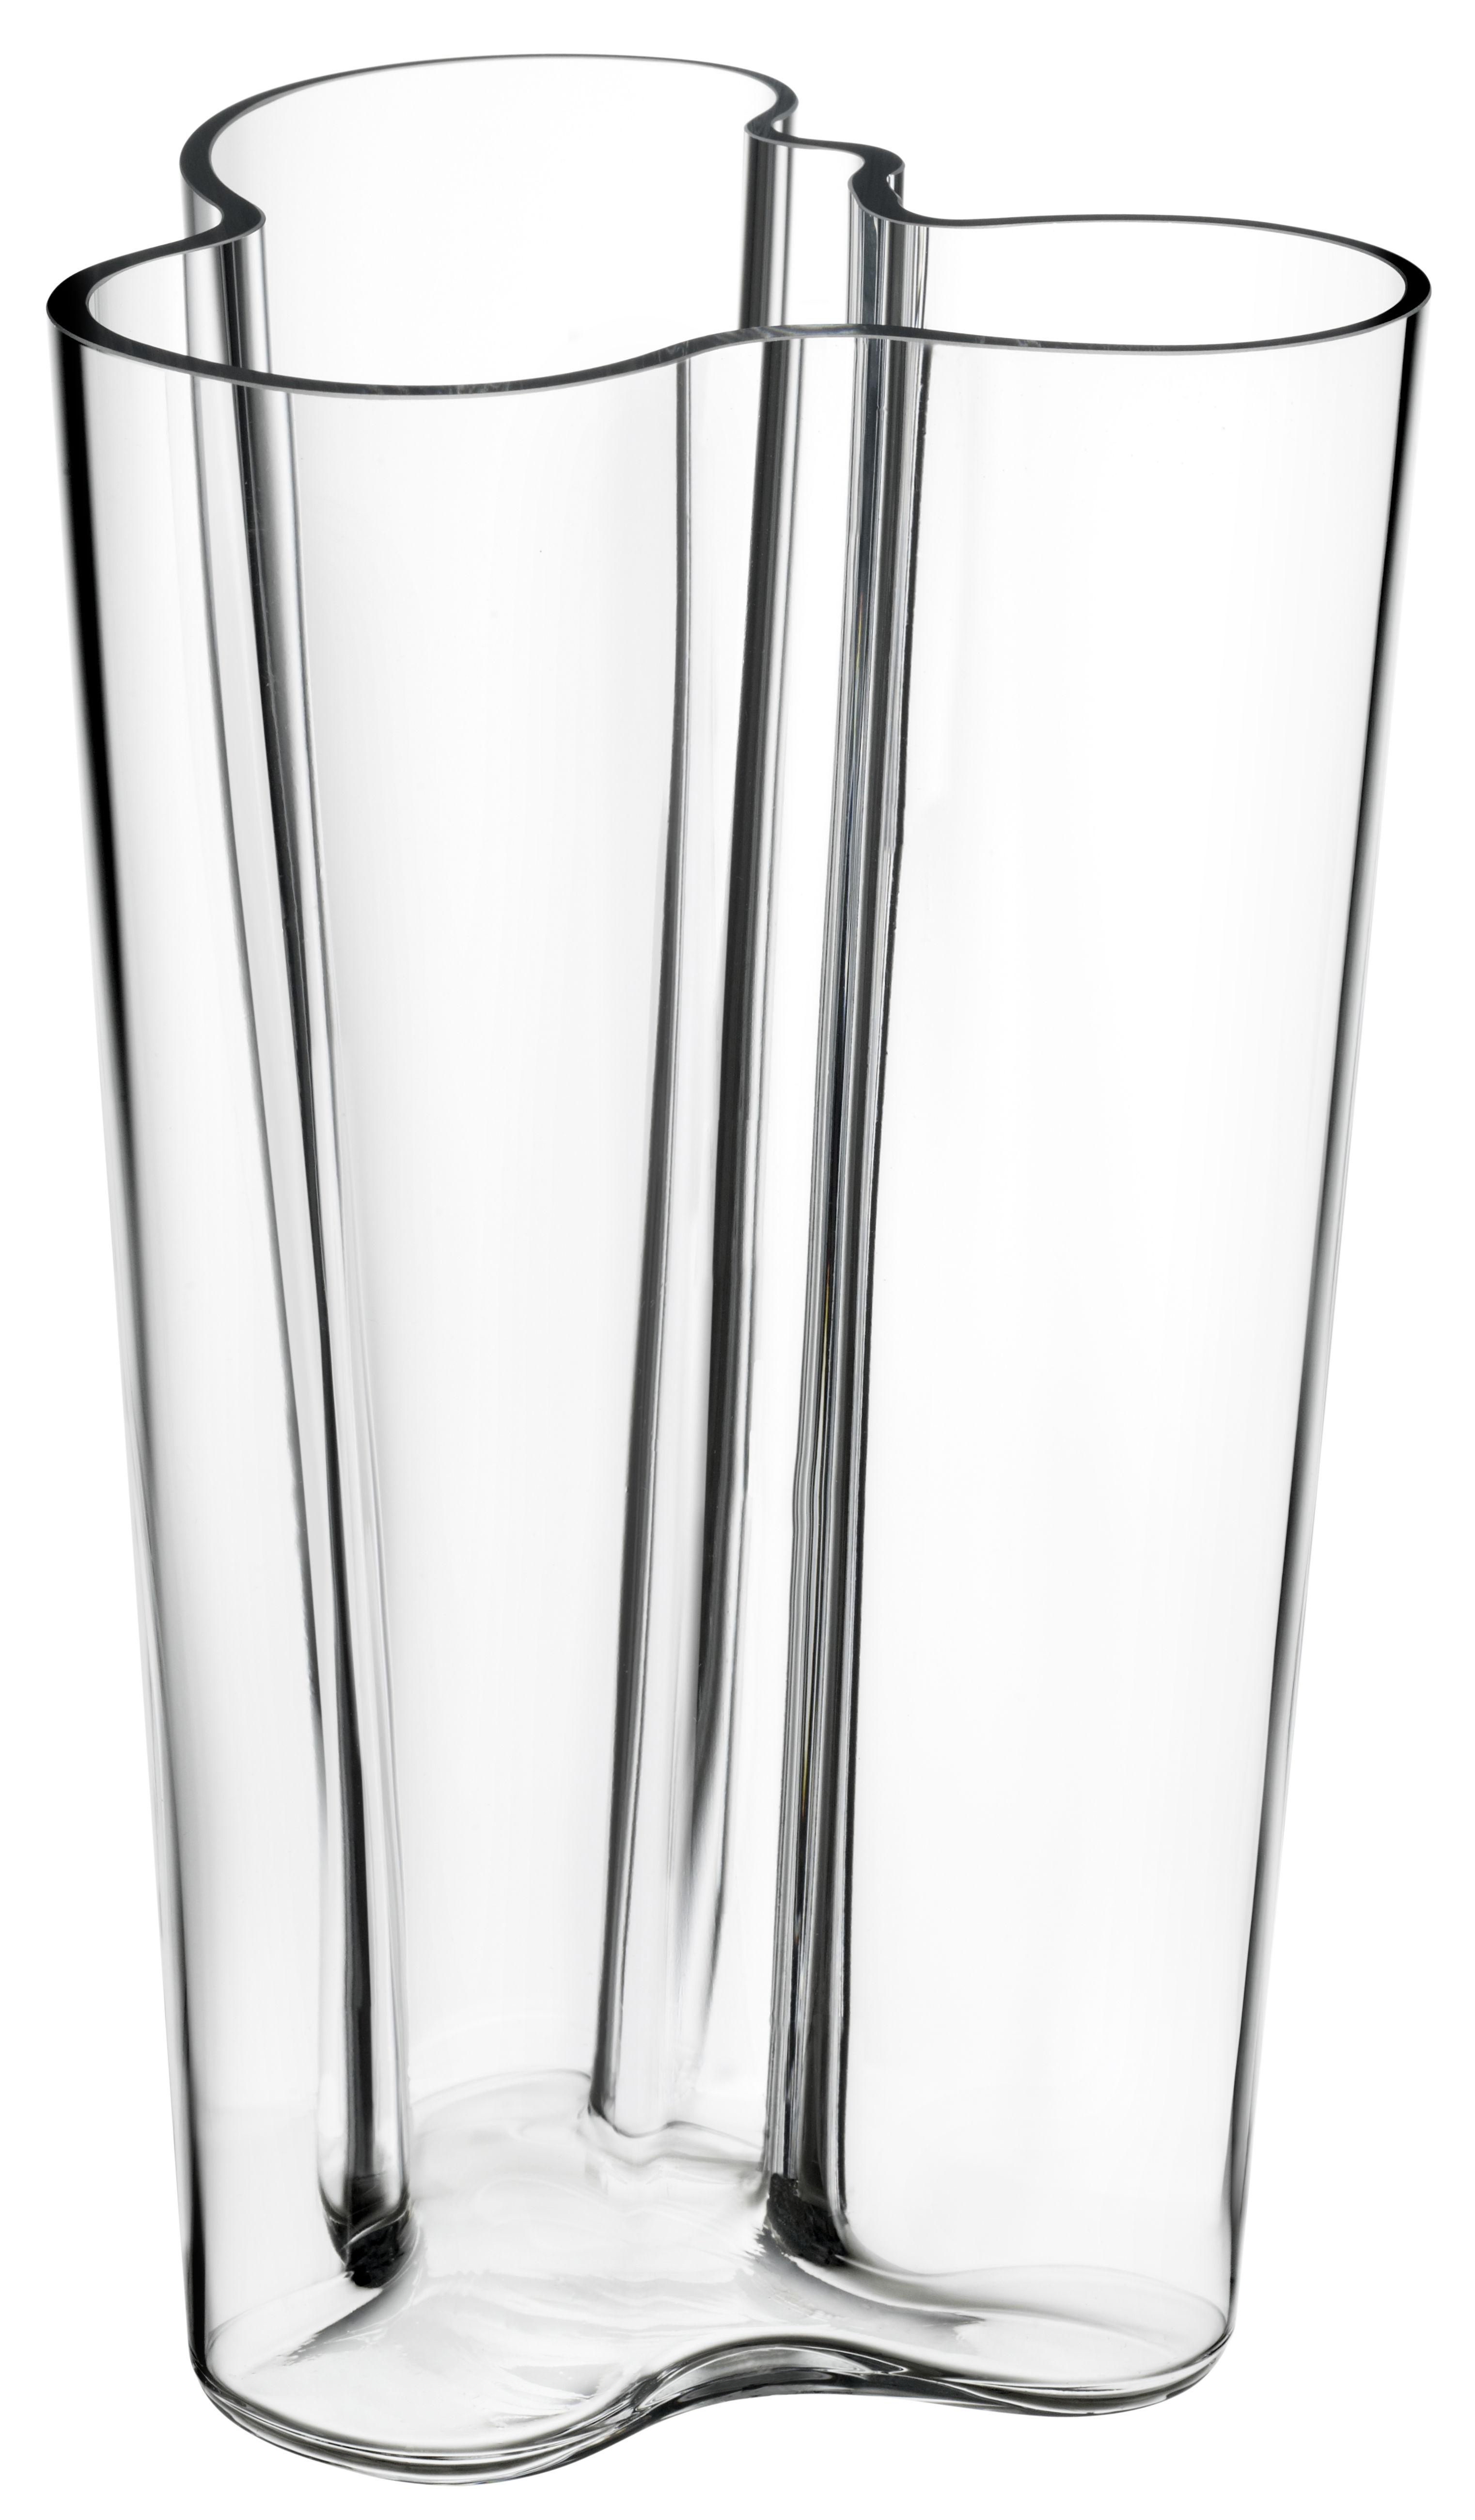 Interni - Vasi - Vaso Aalto di Iittala - Trasparente - Vetro soffiato a bocca